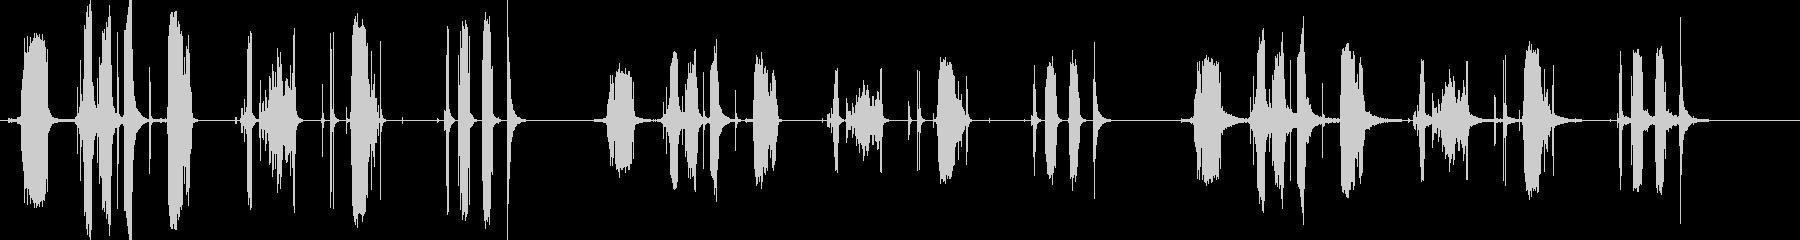 メタルラチェット-7バージョンX ...の未再生の波形